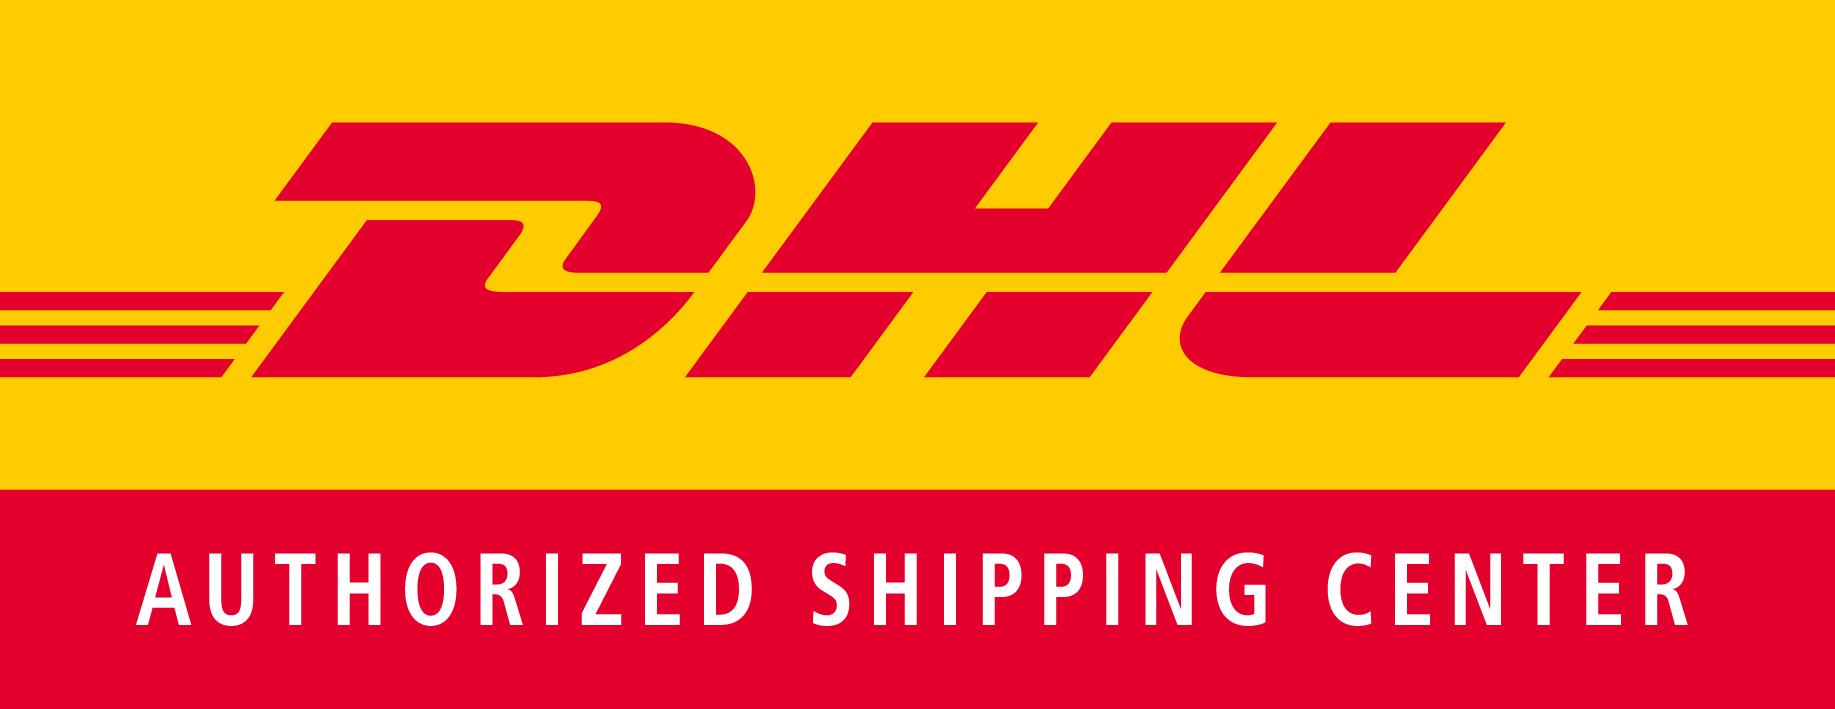 DHL large logo